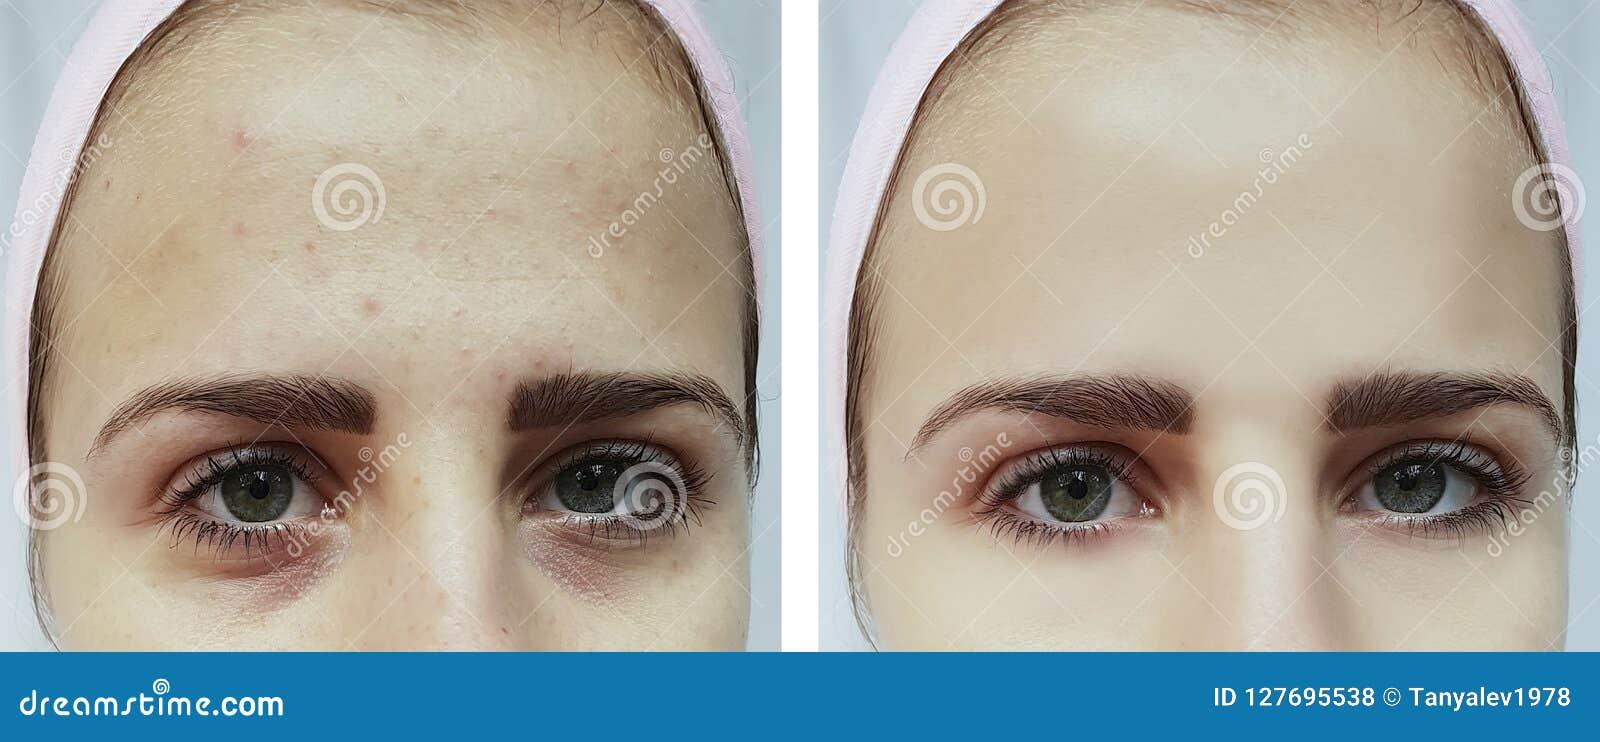 Mooie jonge meisjesacne, kneuzingen onder de ogen before and after procedures